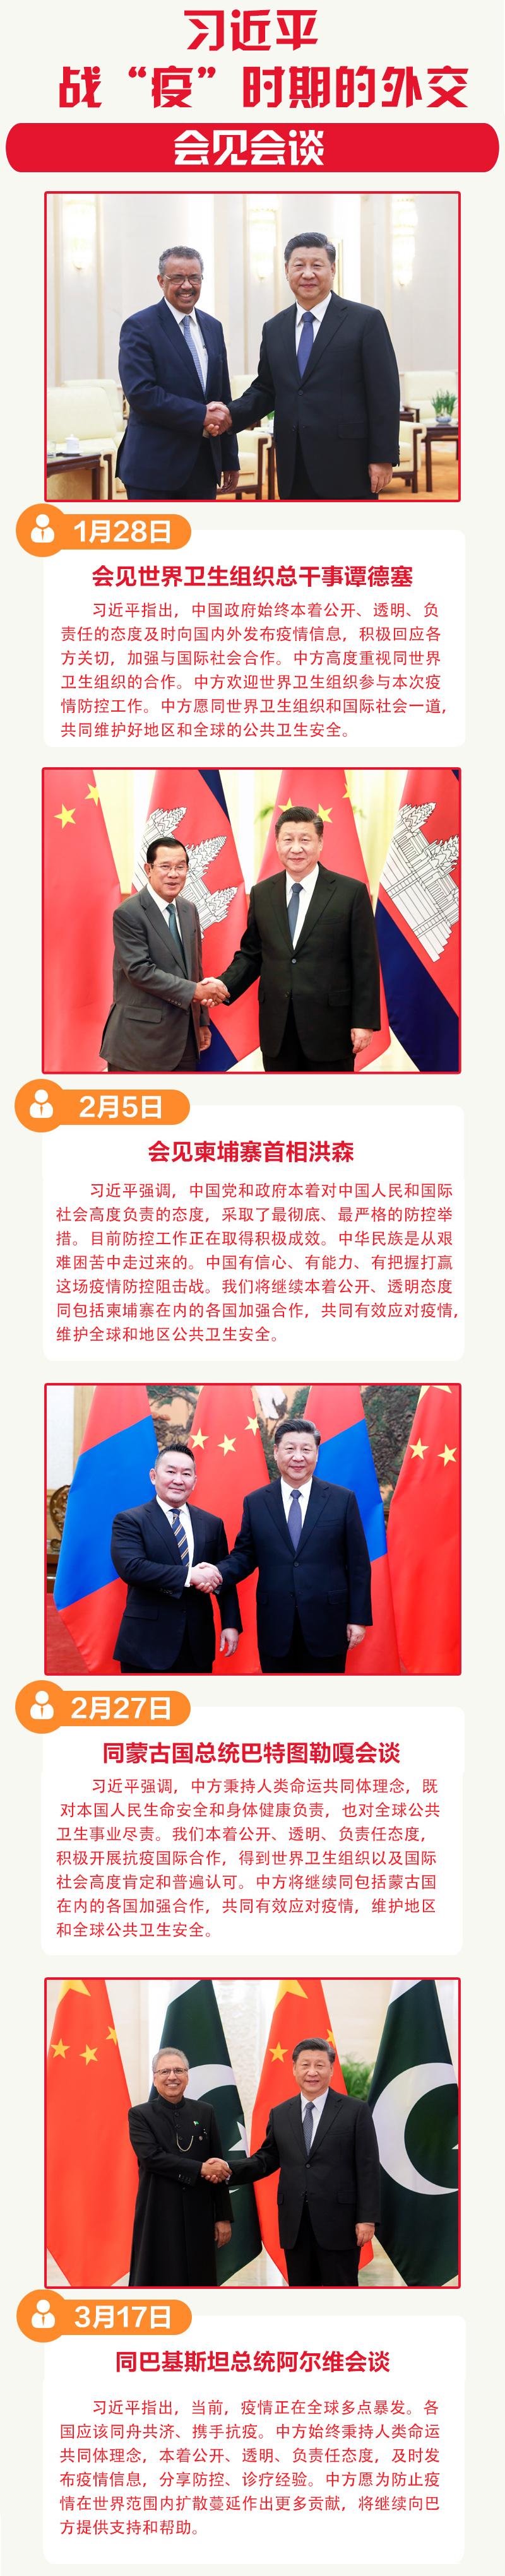 """习近平战""""疫""""时期的外交:中国的承诺与践诺"""